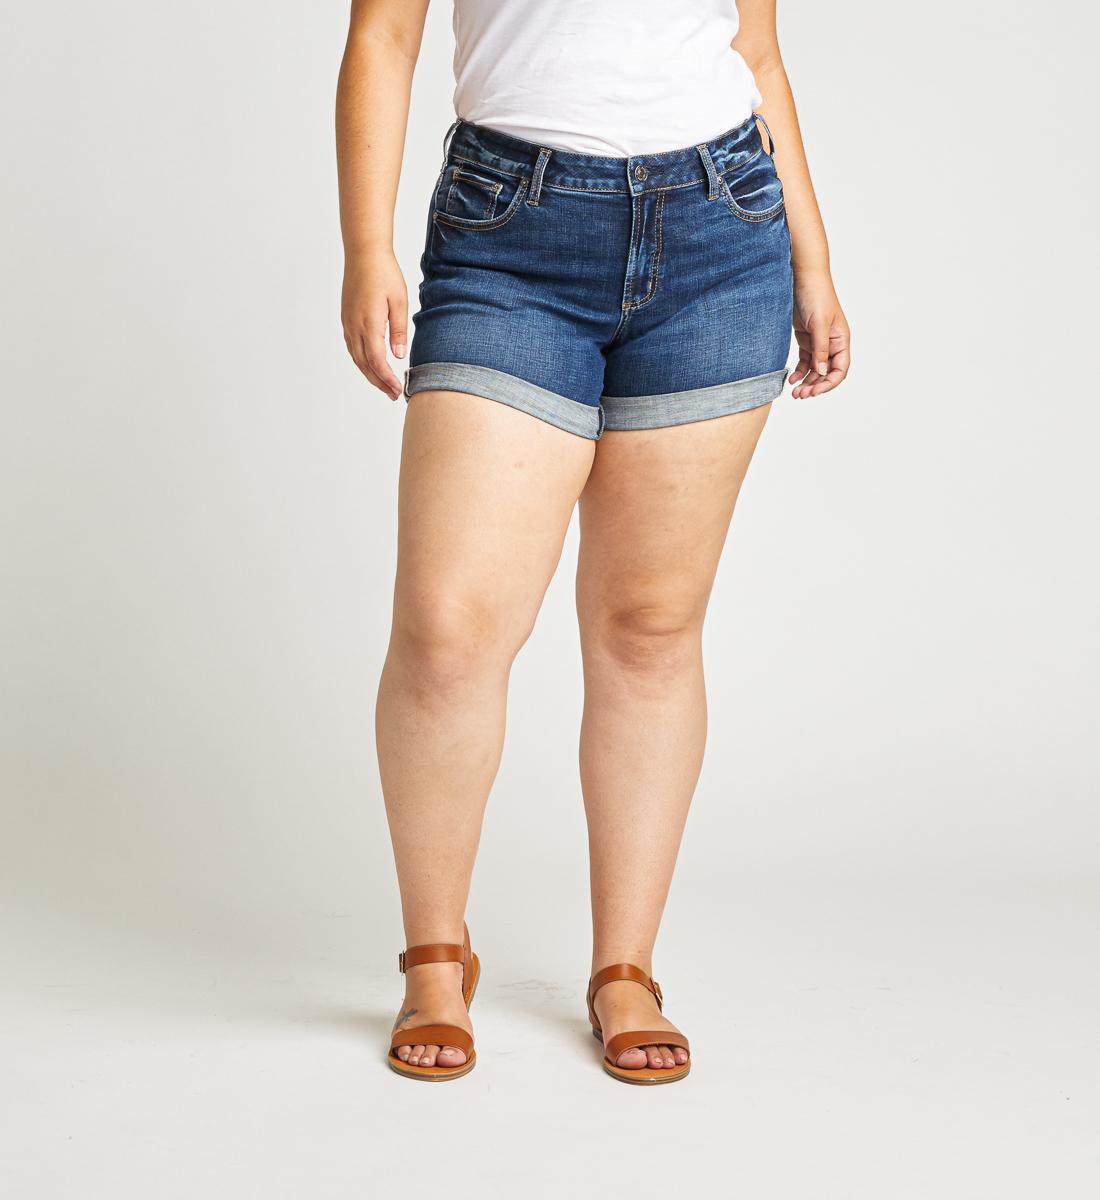 Silver Jeans Boyfriend Mid Rise Short Plus Size